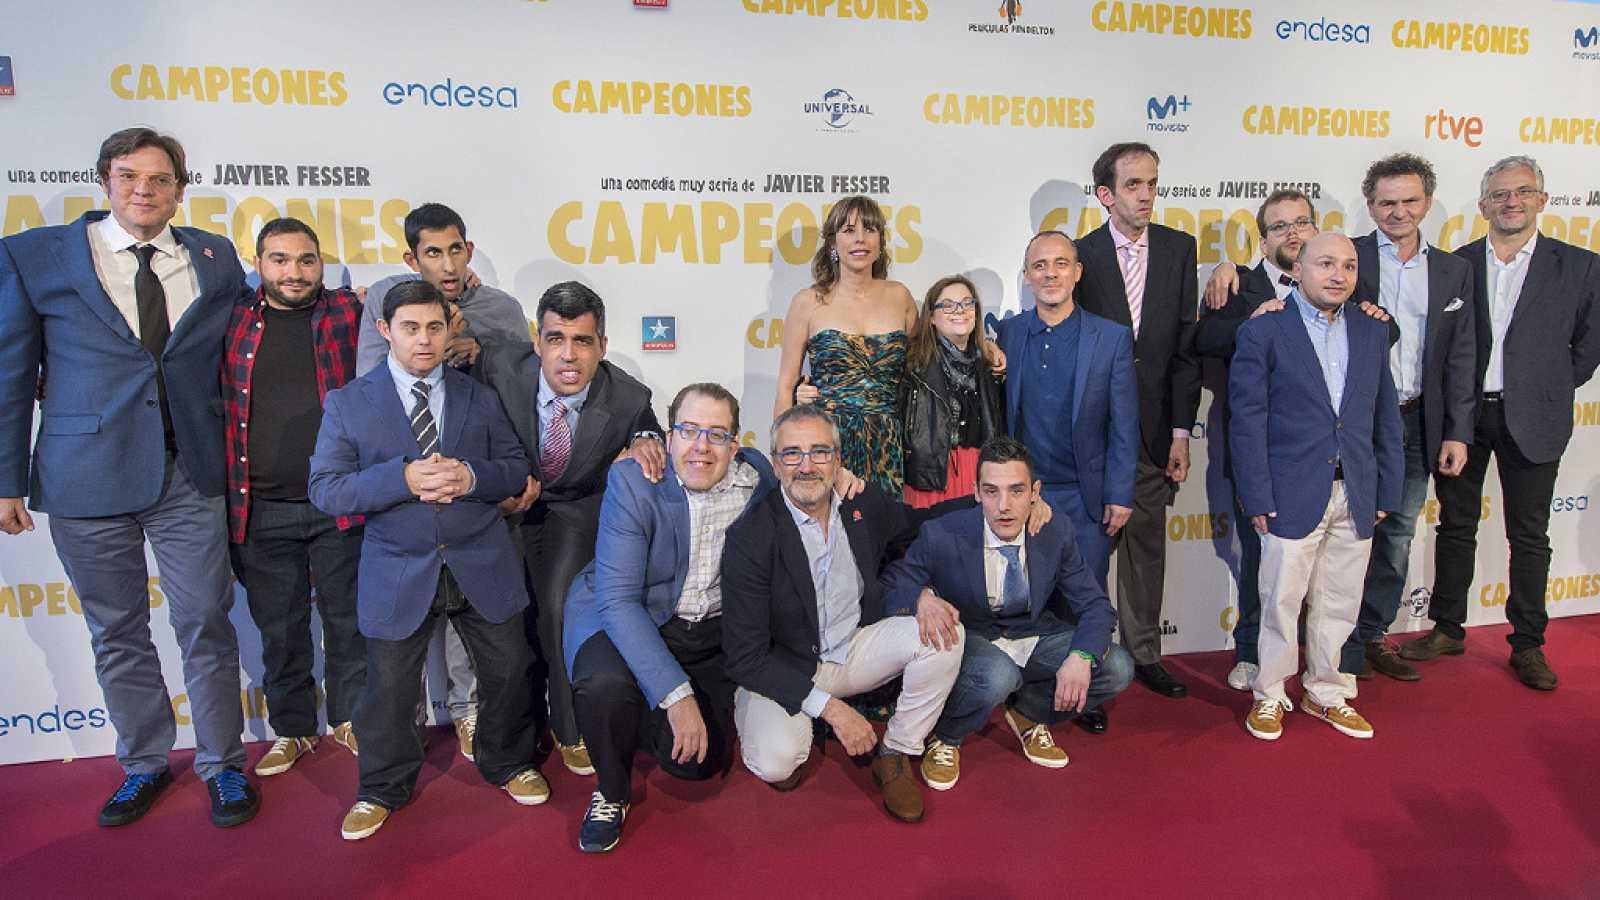 Corazón - 'Campeones', la nueva película de Javier Fesser y Javier Gutiérrez